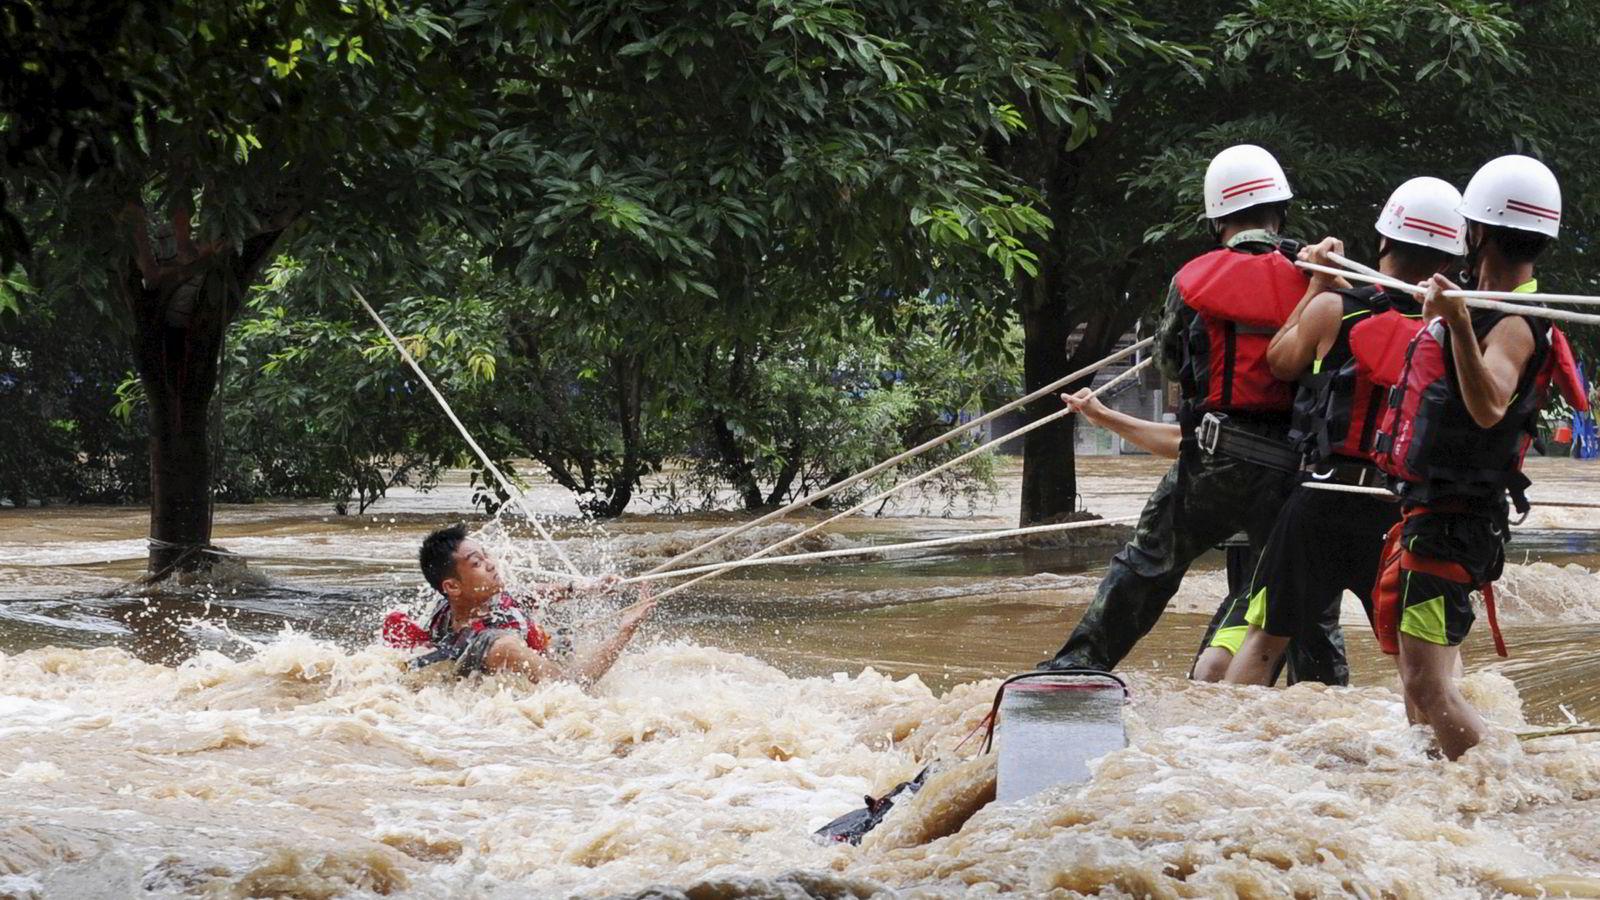 Havnivået i verden stiger i stadig raskere takt. På bildet hjelper redningsmannskaper en mann som er fanget av vannmassene etter at vannivået i elven Lijiang i Kina plutselig steg kraftig.